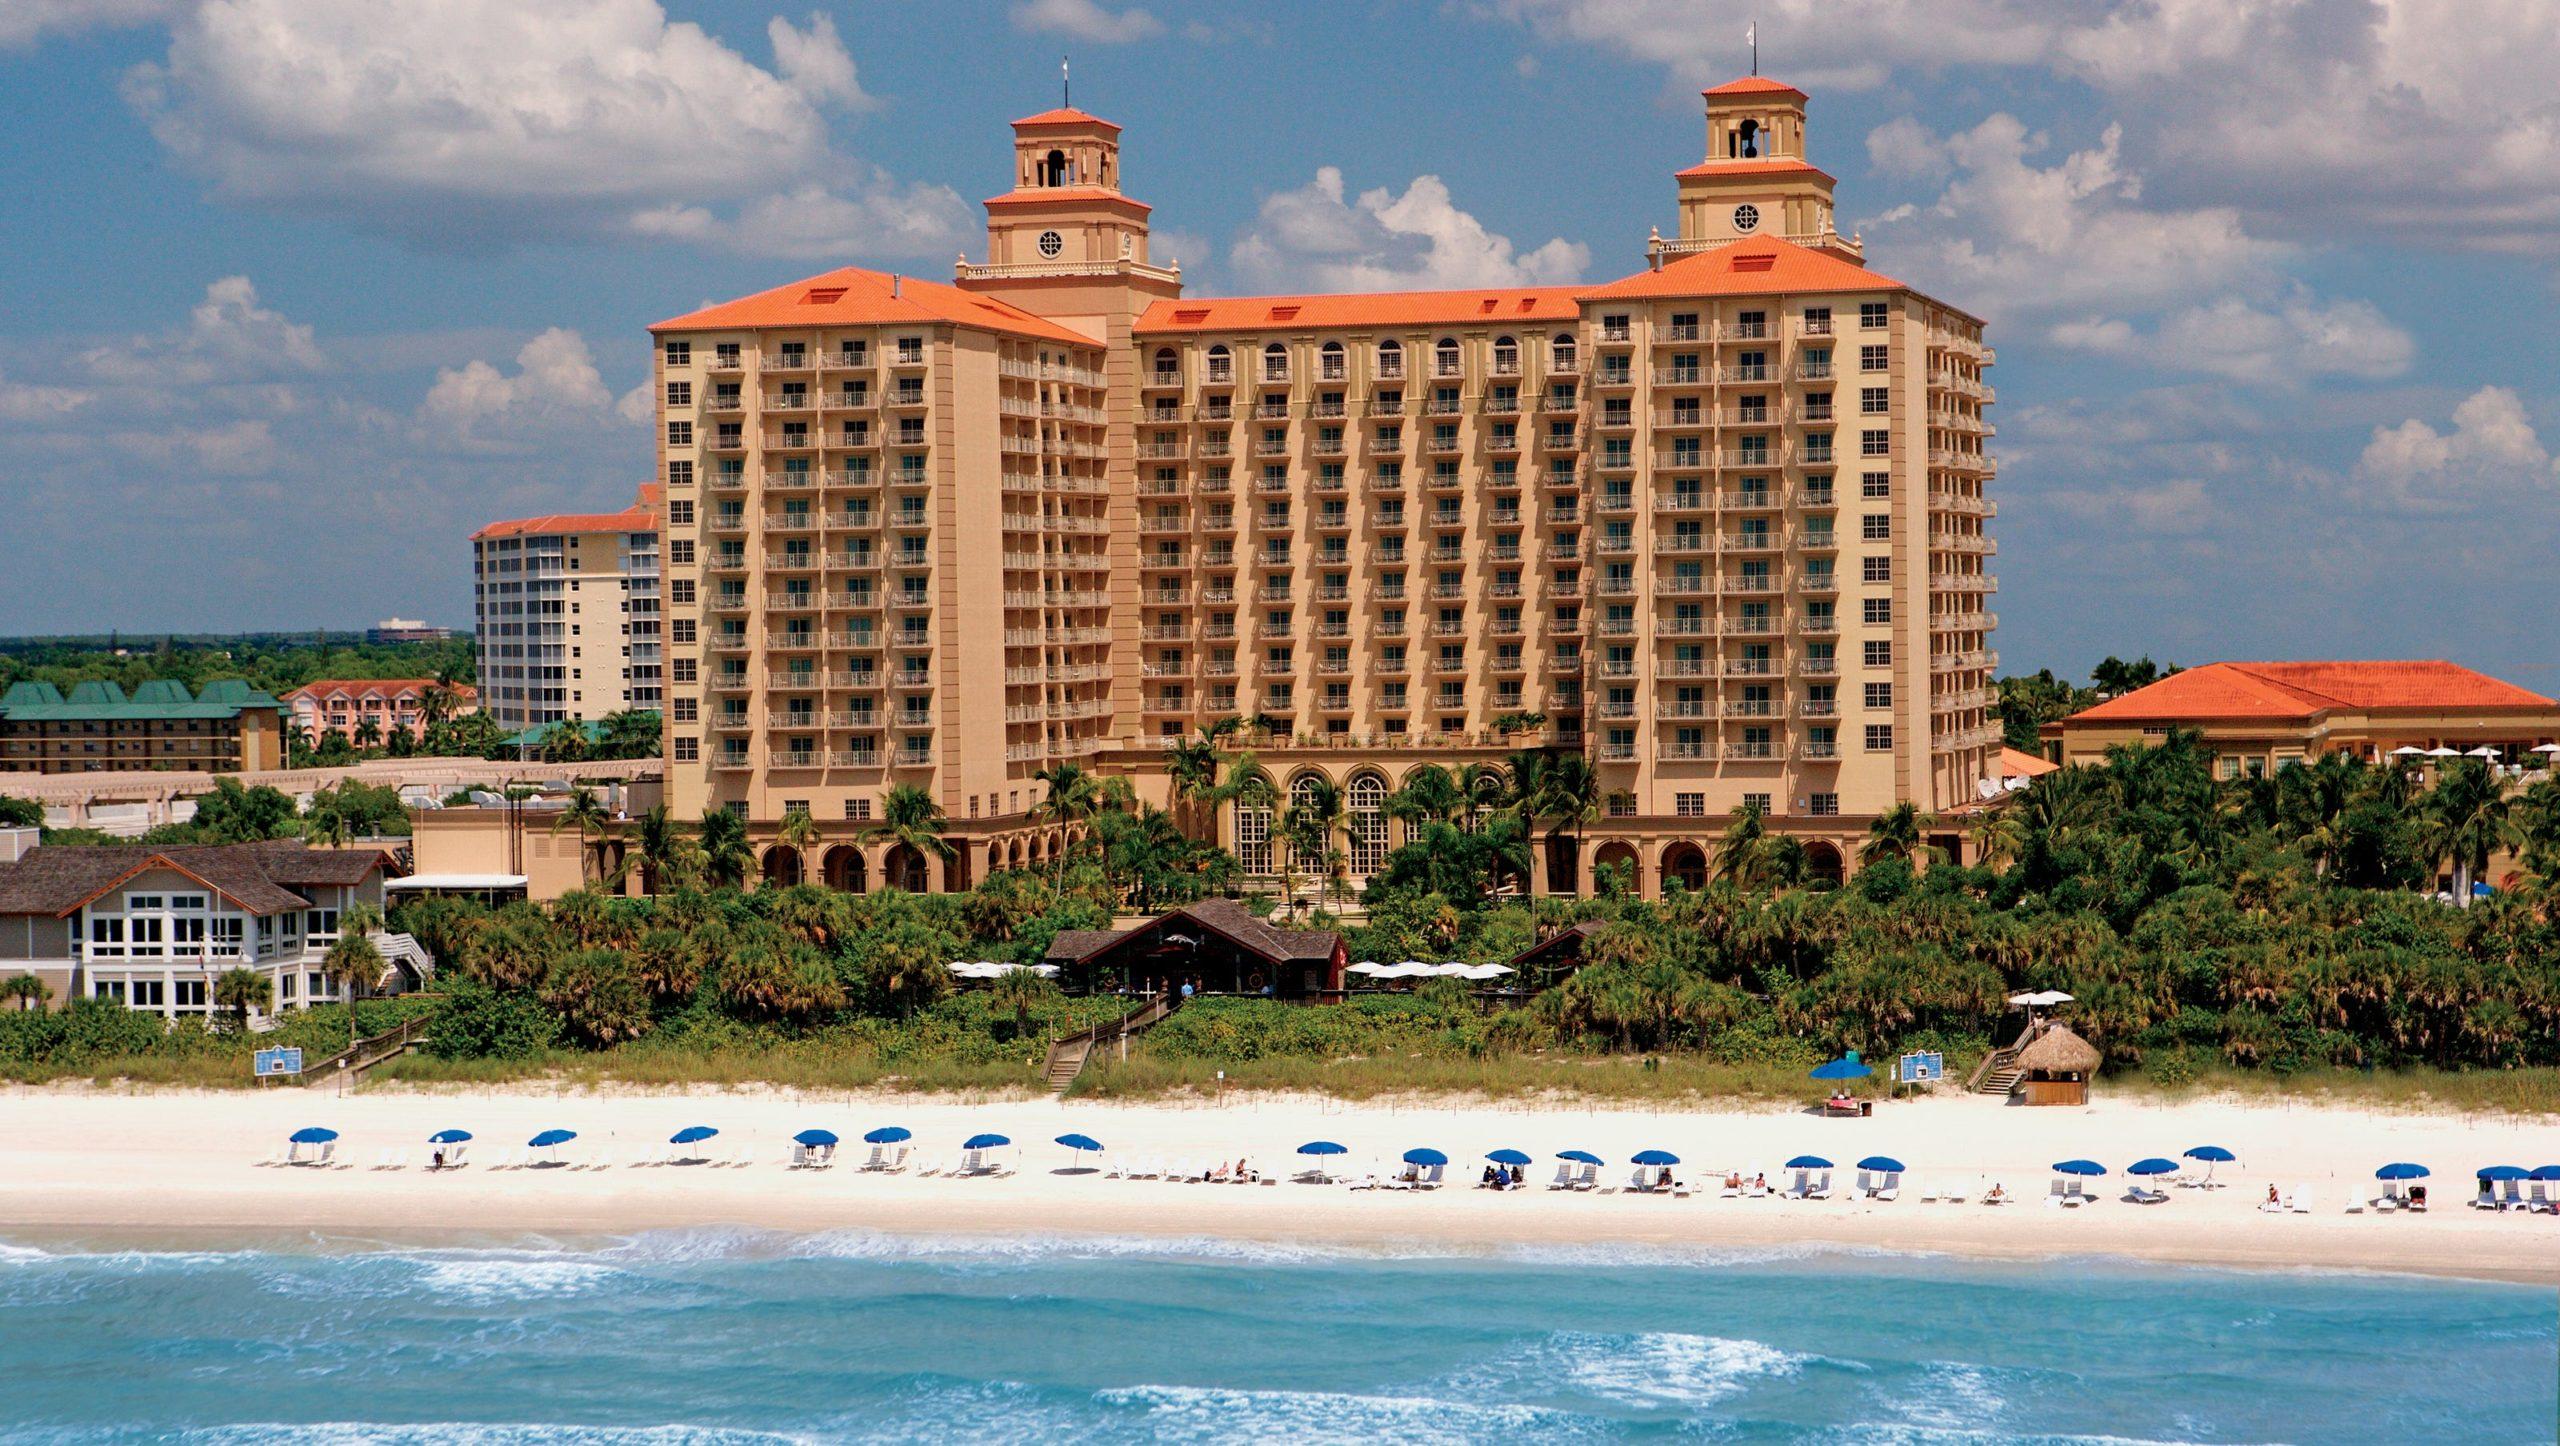 Ritz Carlton Beach House, Naples, FL